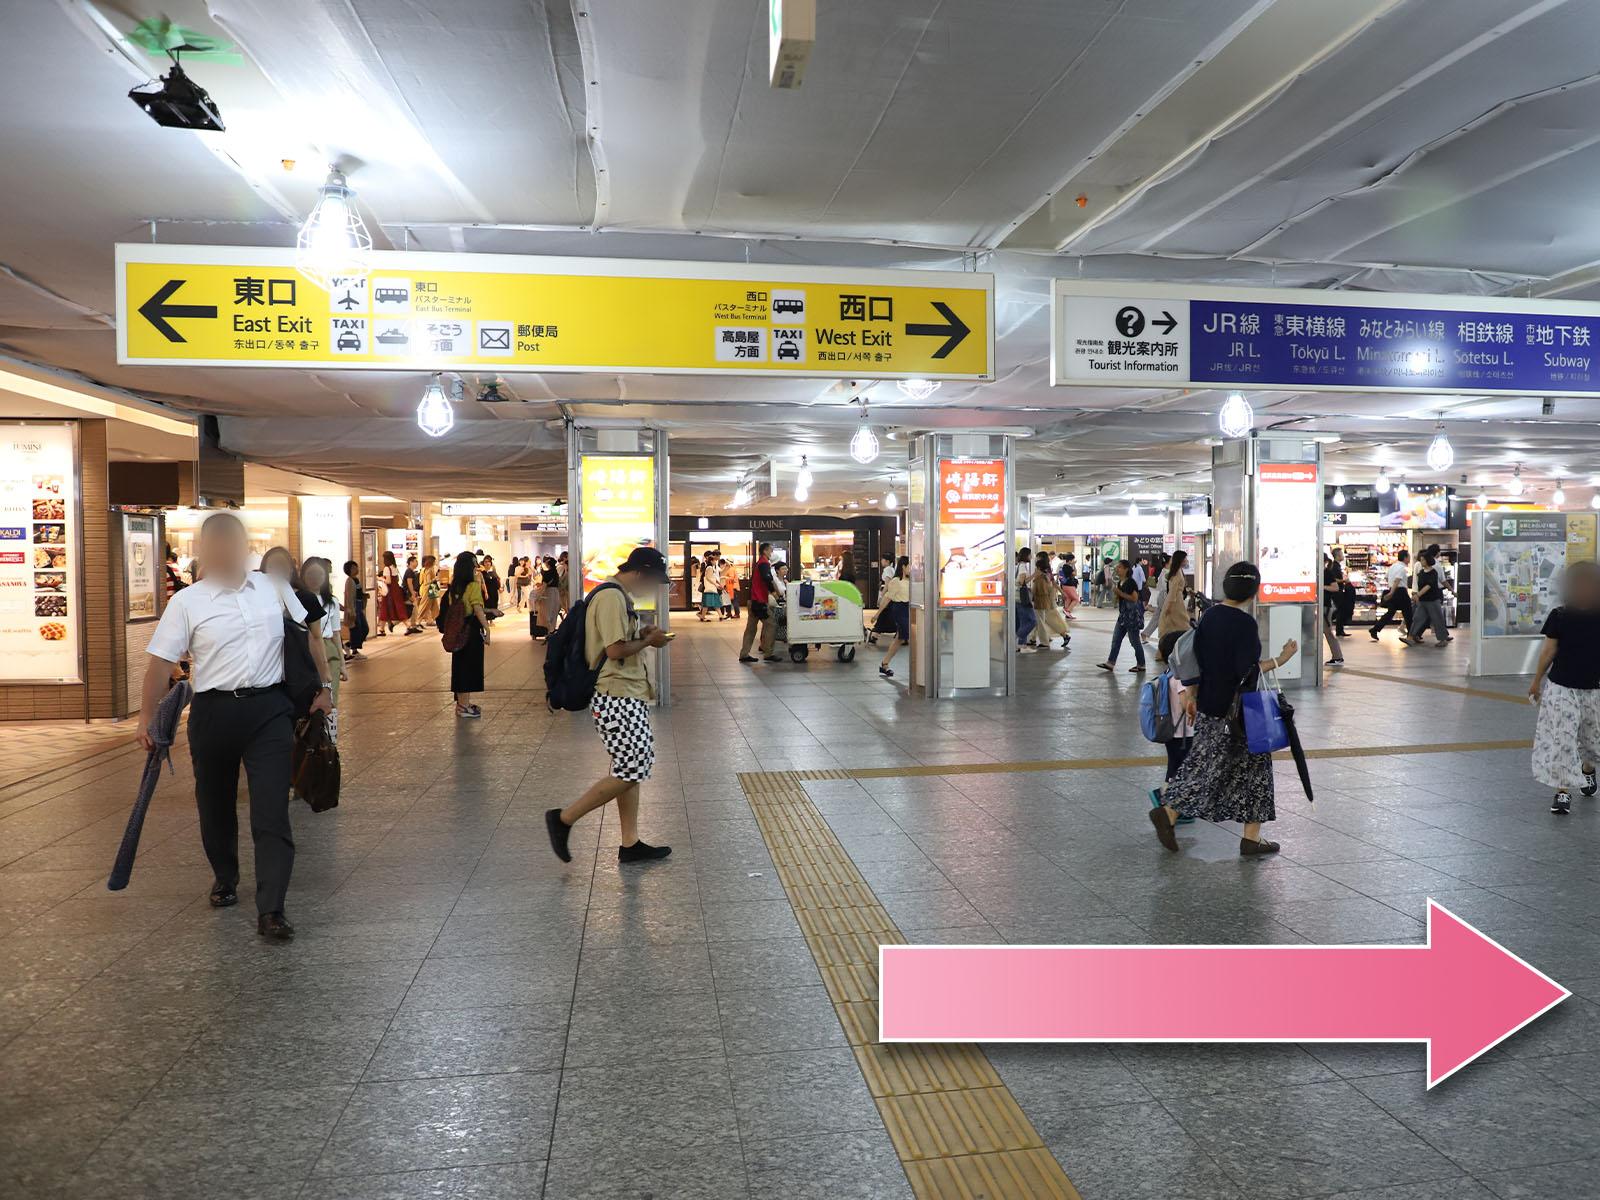 東京中央美容外科横浜院JR線ルート01